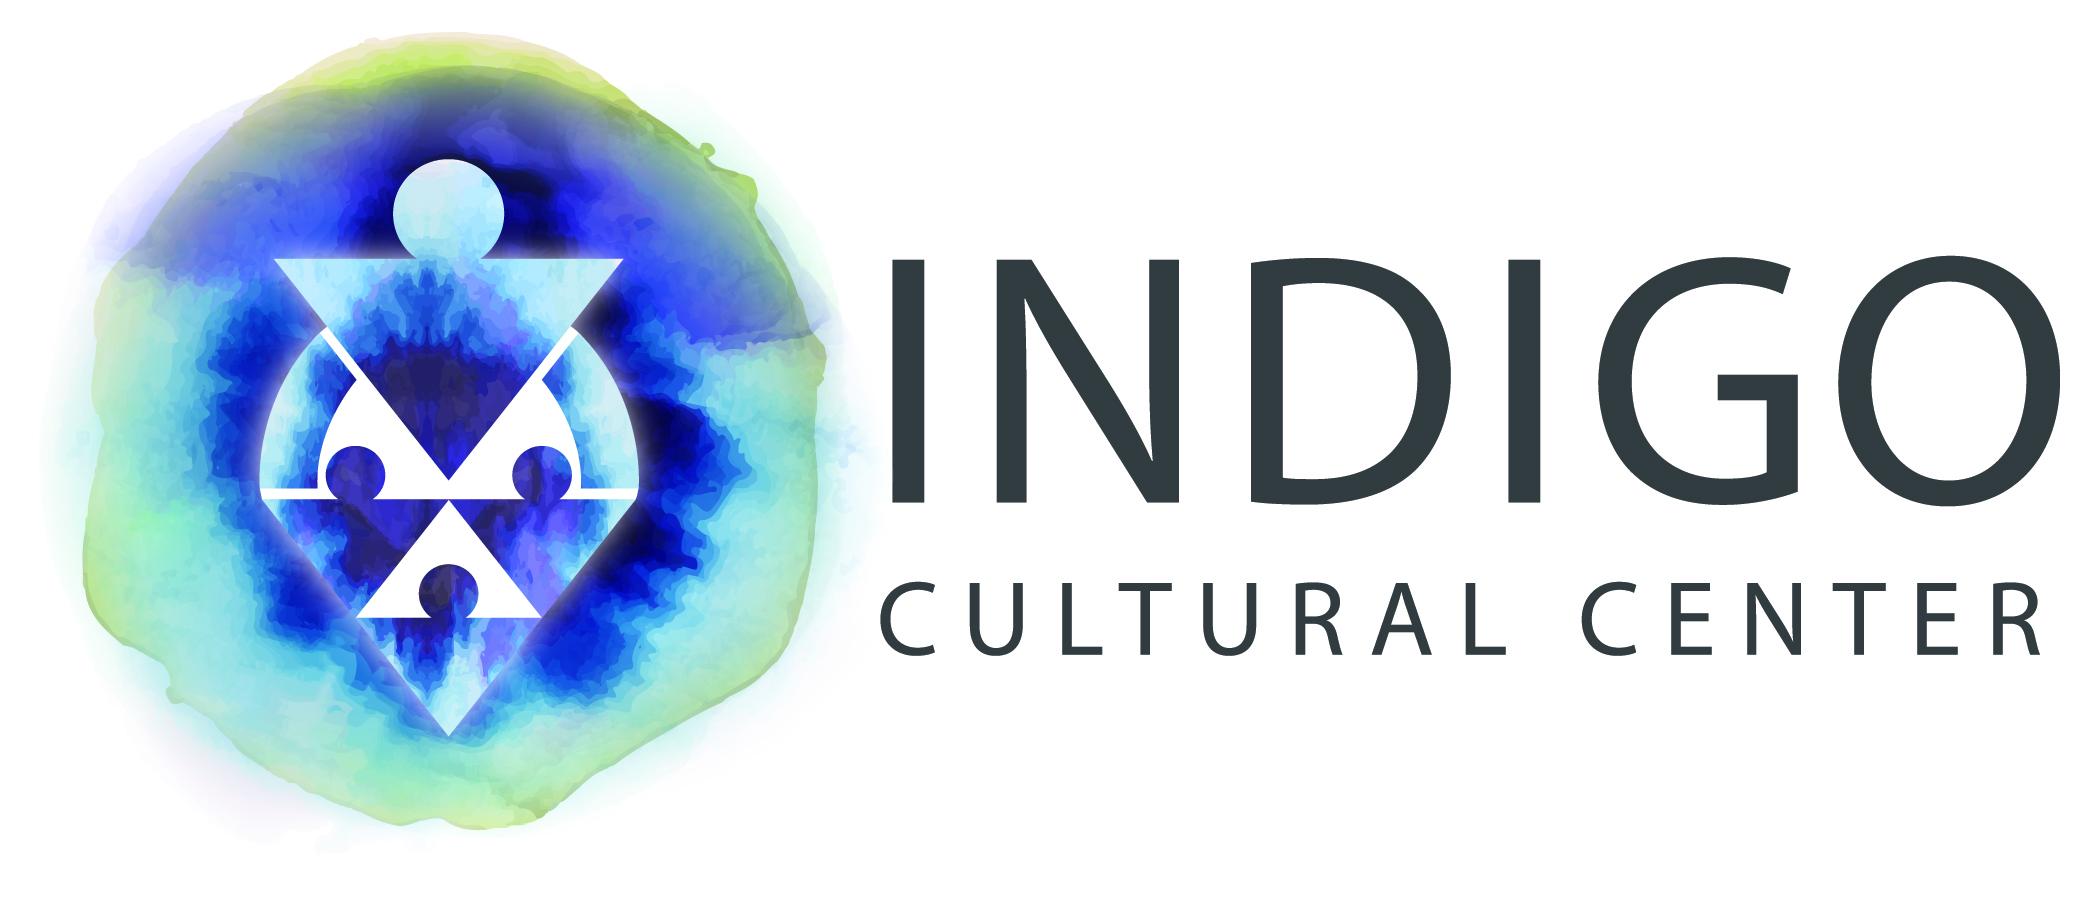 Indigo_Logo_Lg_Horz_FNL.jpg